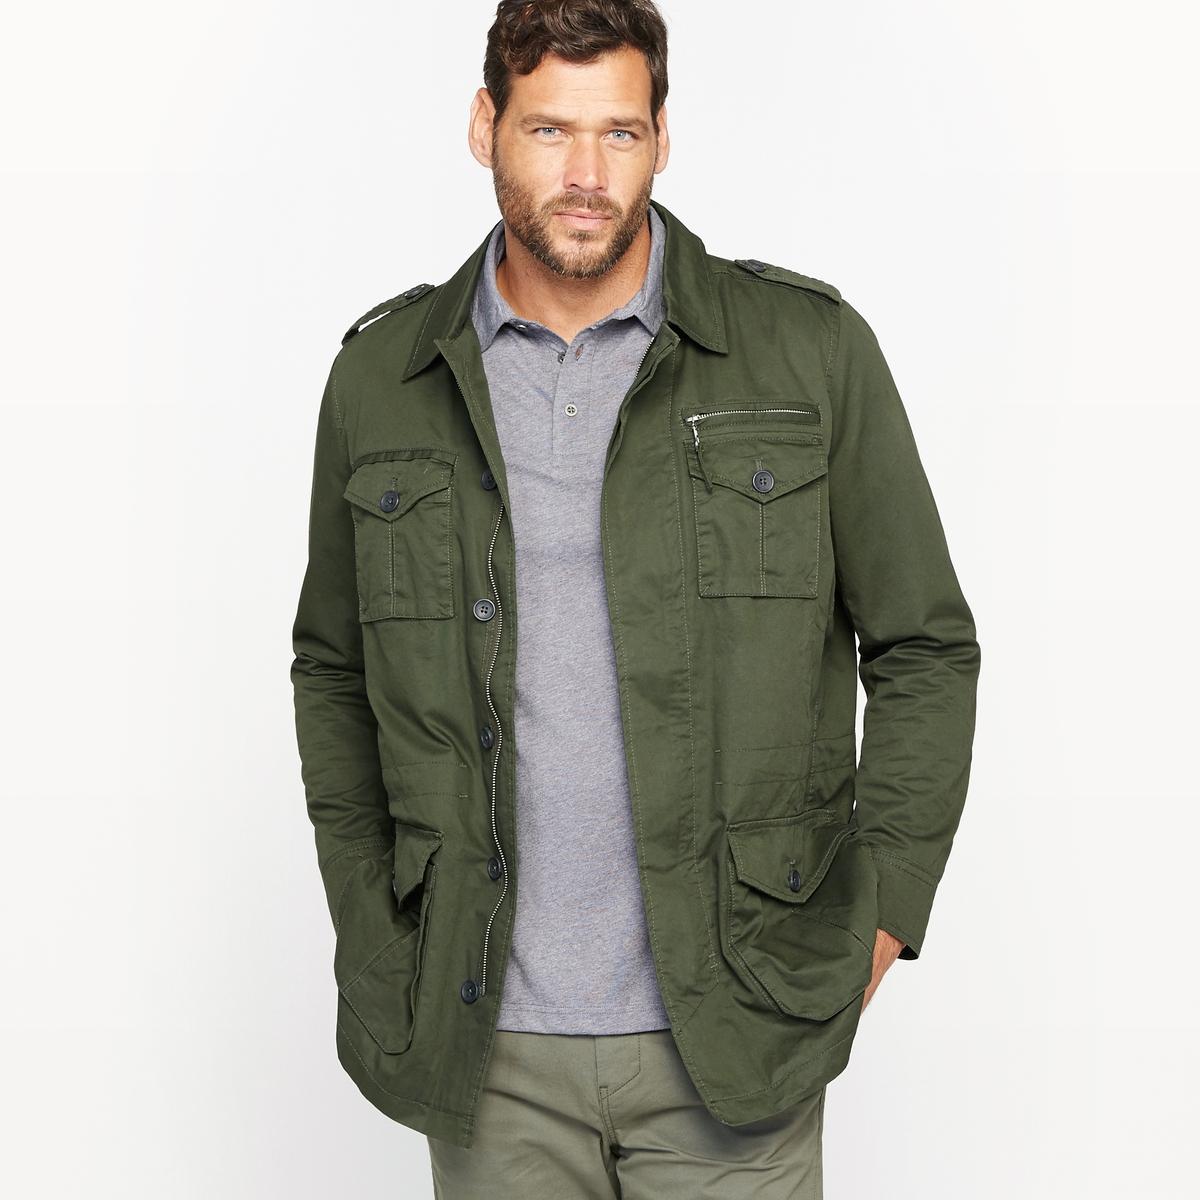 Куртка в стиле милитариКуртка в стиле милитари. Незаменимая вещь в летнем гардеробе ! Плотный текстиль, 100% хлопка, на подкладке из 100% хлопка. Длина 83 см . Супатная застежка на молнию и пуговицы. Планки с пуговицами на плечах. 2 нагрудных кармана и 2 кармана с клапанами на пуговице снизу спереди . Манжеты с застежкой на пуговицу. Пояс на кулиске.<br><br>Цвет: зеленый милитари,темно-бежевый<br>Размер: 54/56.62/64